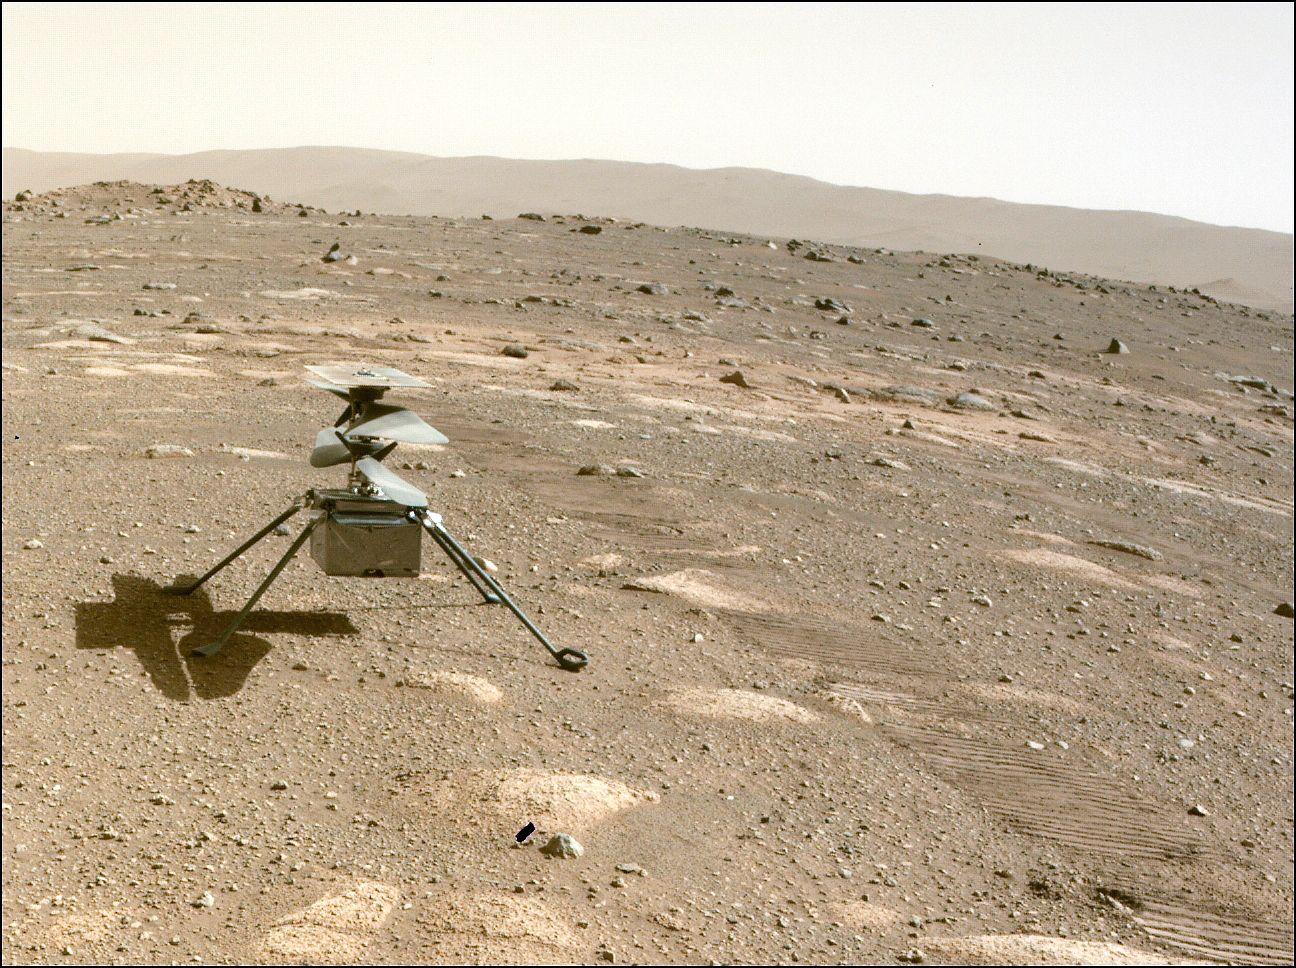 Perseverancen mukana Marsiin matkasi helikopterimainen Ingenuity-lennokki, joka selvittää tulevaisuuden lennokkien käytön mahdollisuuksia planeetan kaasukehässä. © Nasa